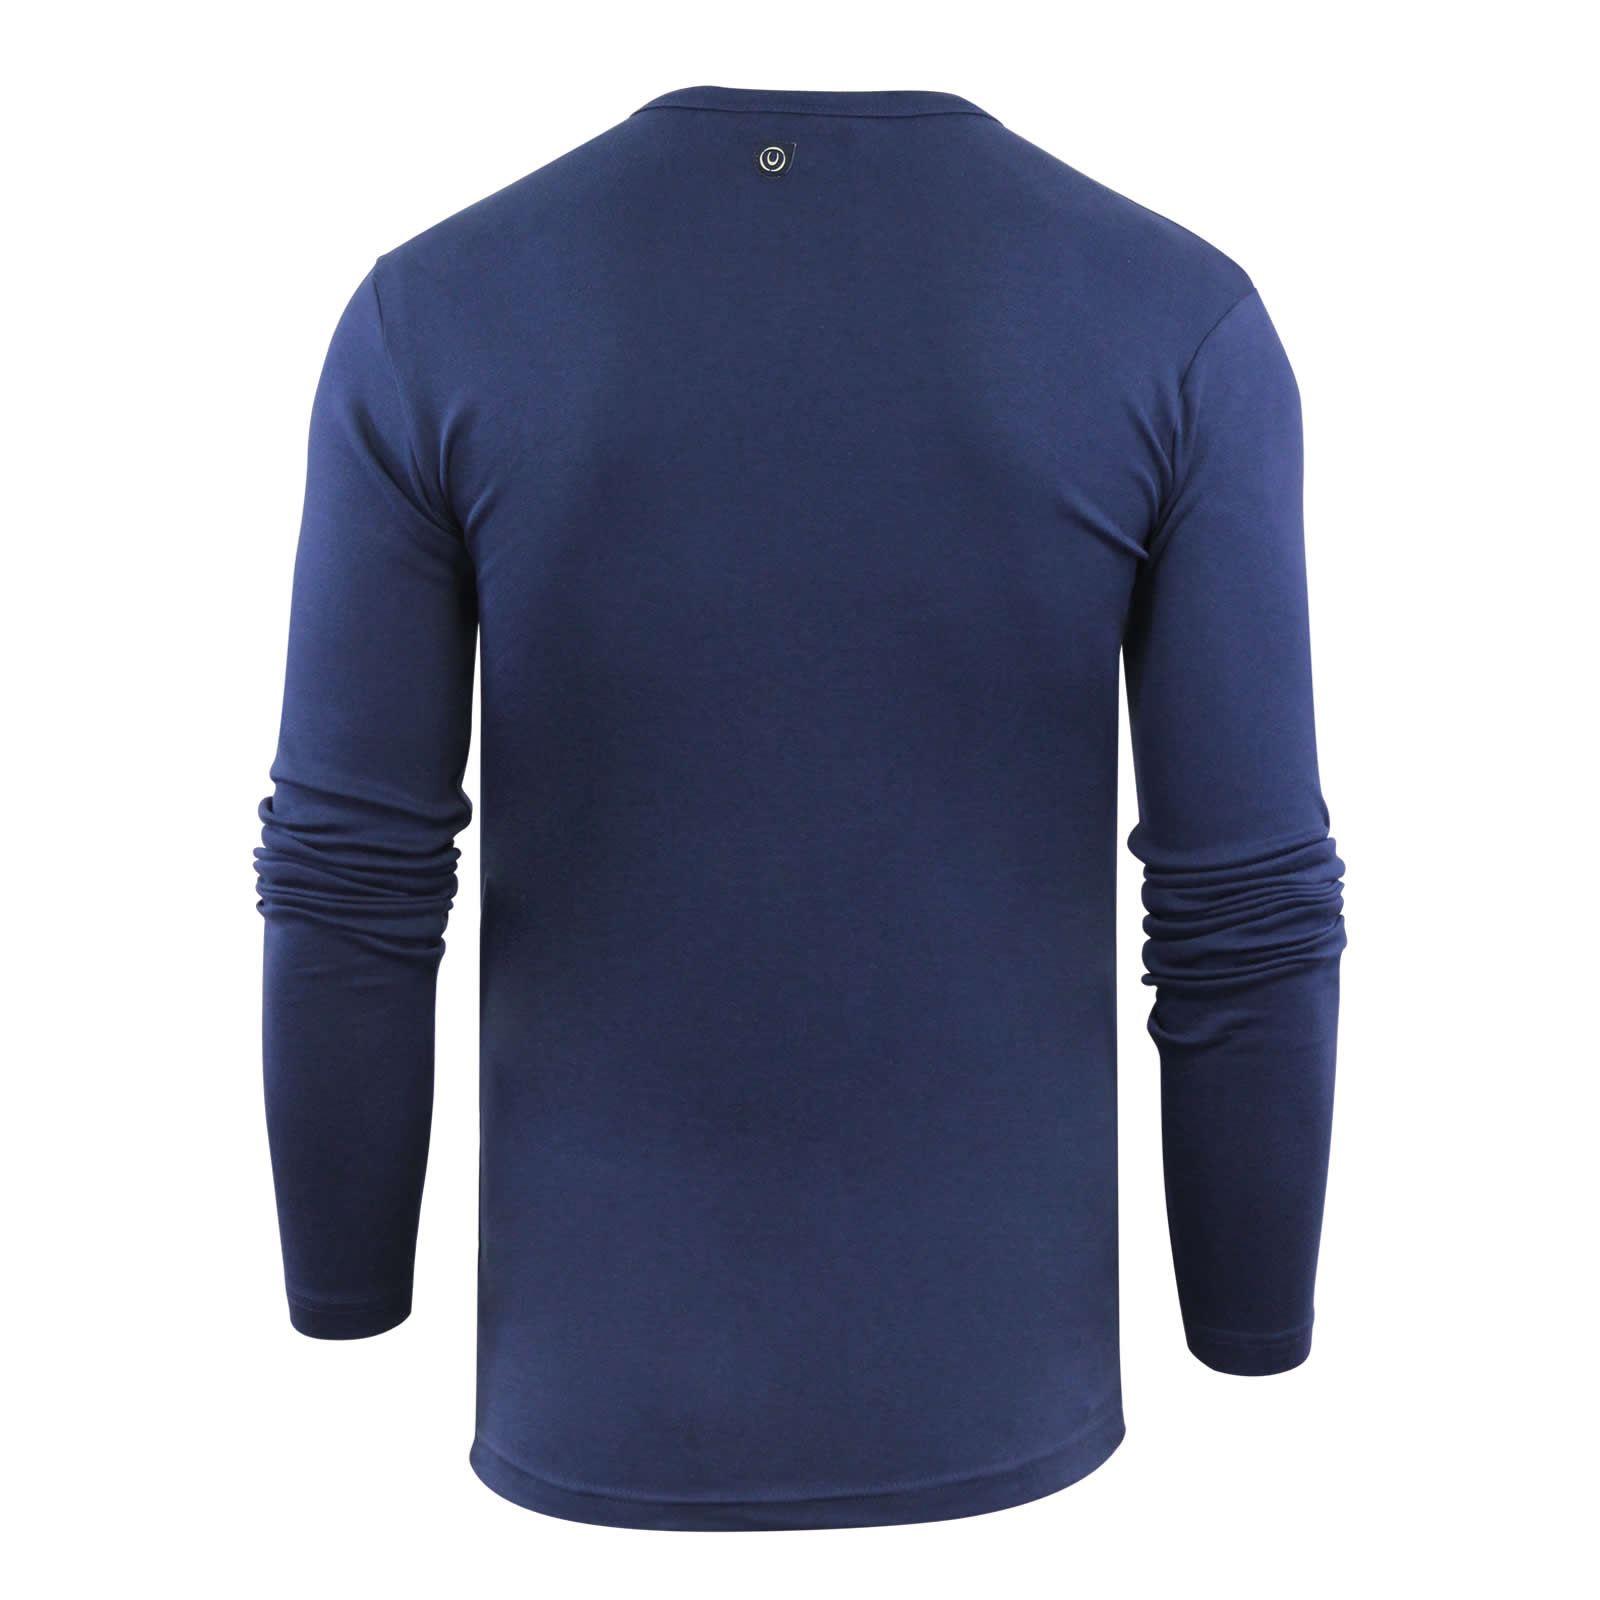 Duck-amp-Cover-STOCK-Homme-T-shirt-coton-confort-stretch-a-encolure-ras-du-cou-T-shirt-manches miniature 3